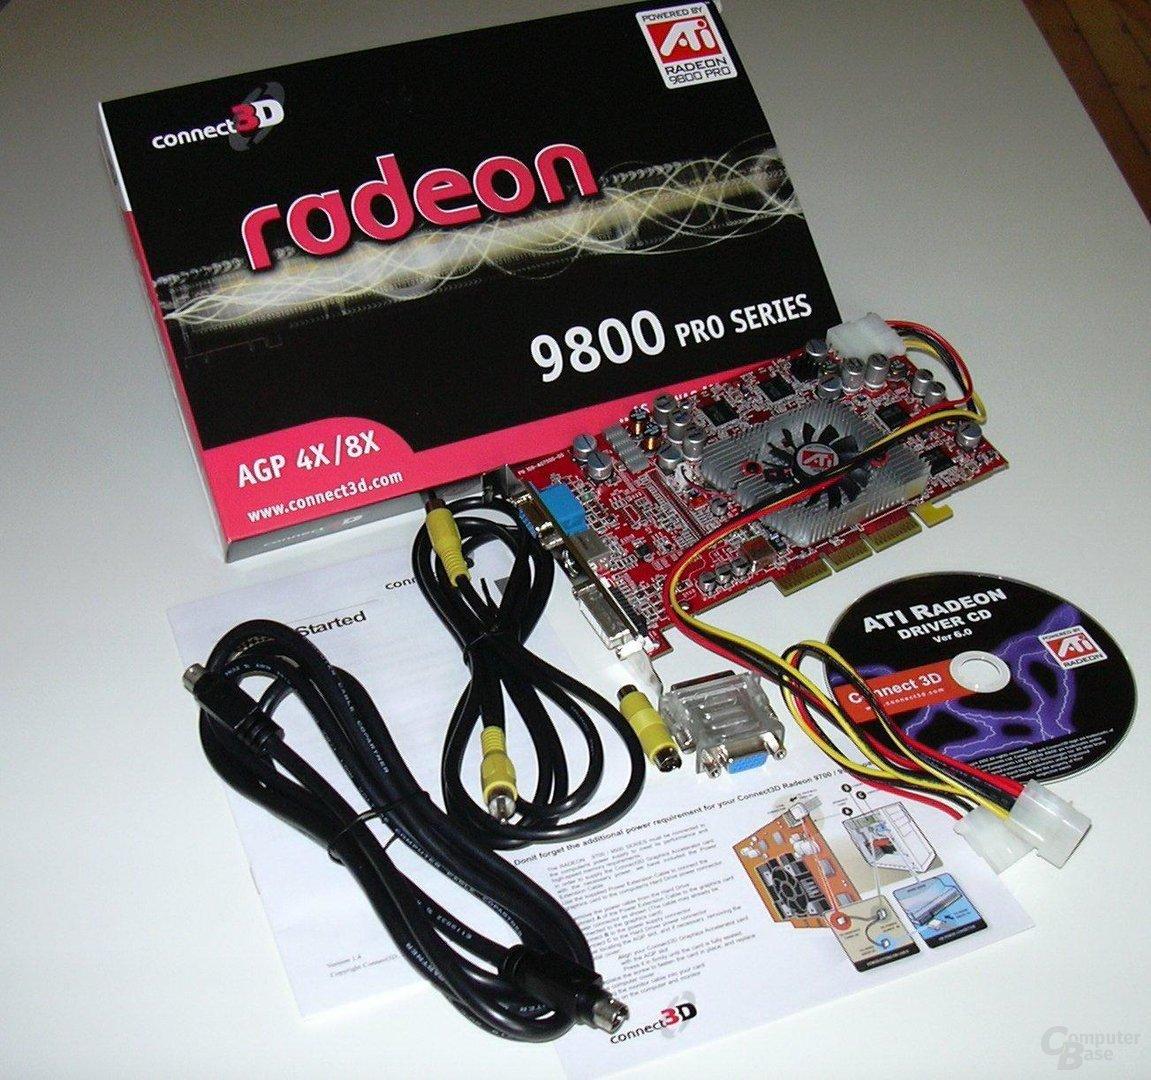 R9800p_Box_Content